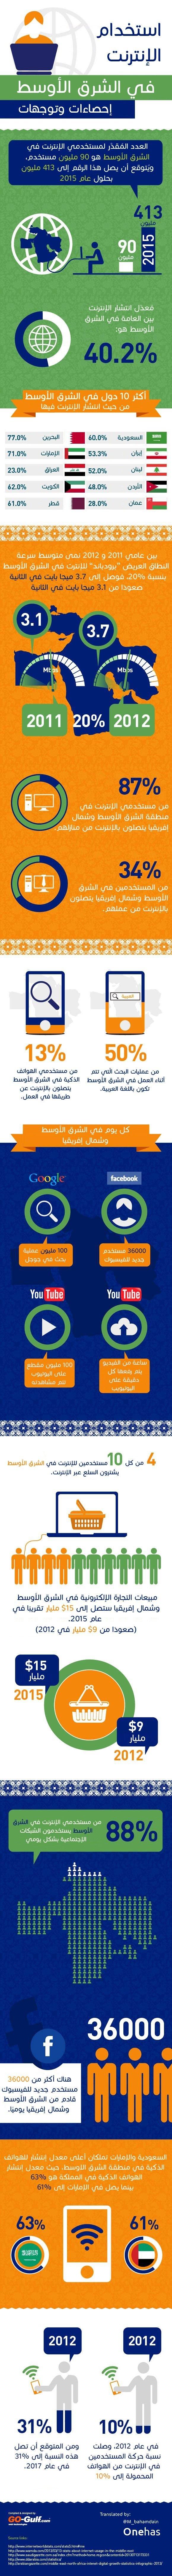 استخدام الإنترنت في الشرق الأوسط إحصاءات وتوجهات #انفوجرافيك